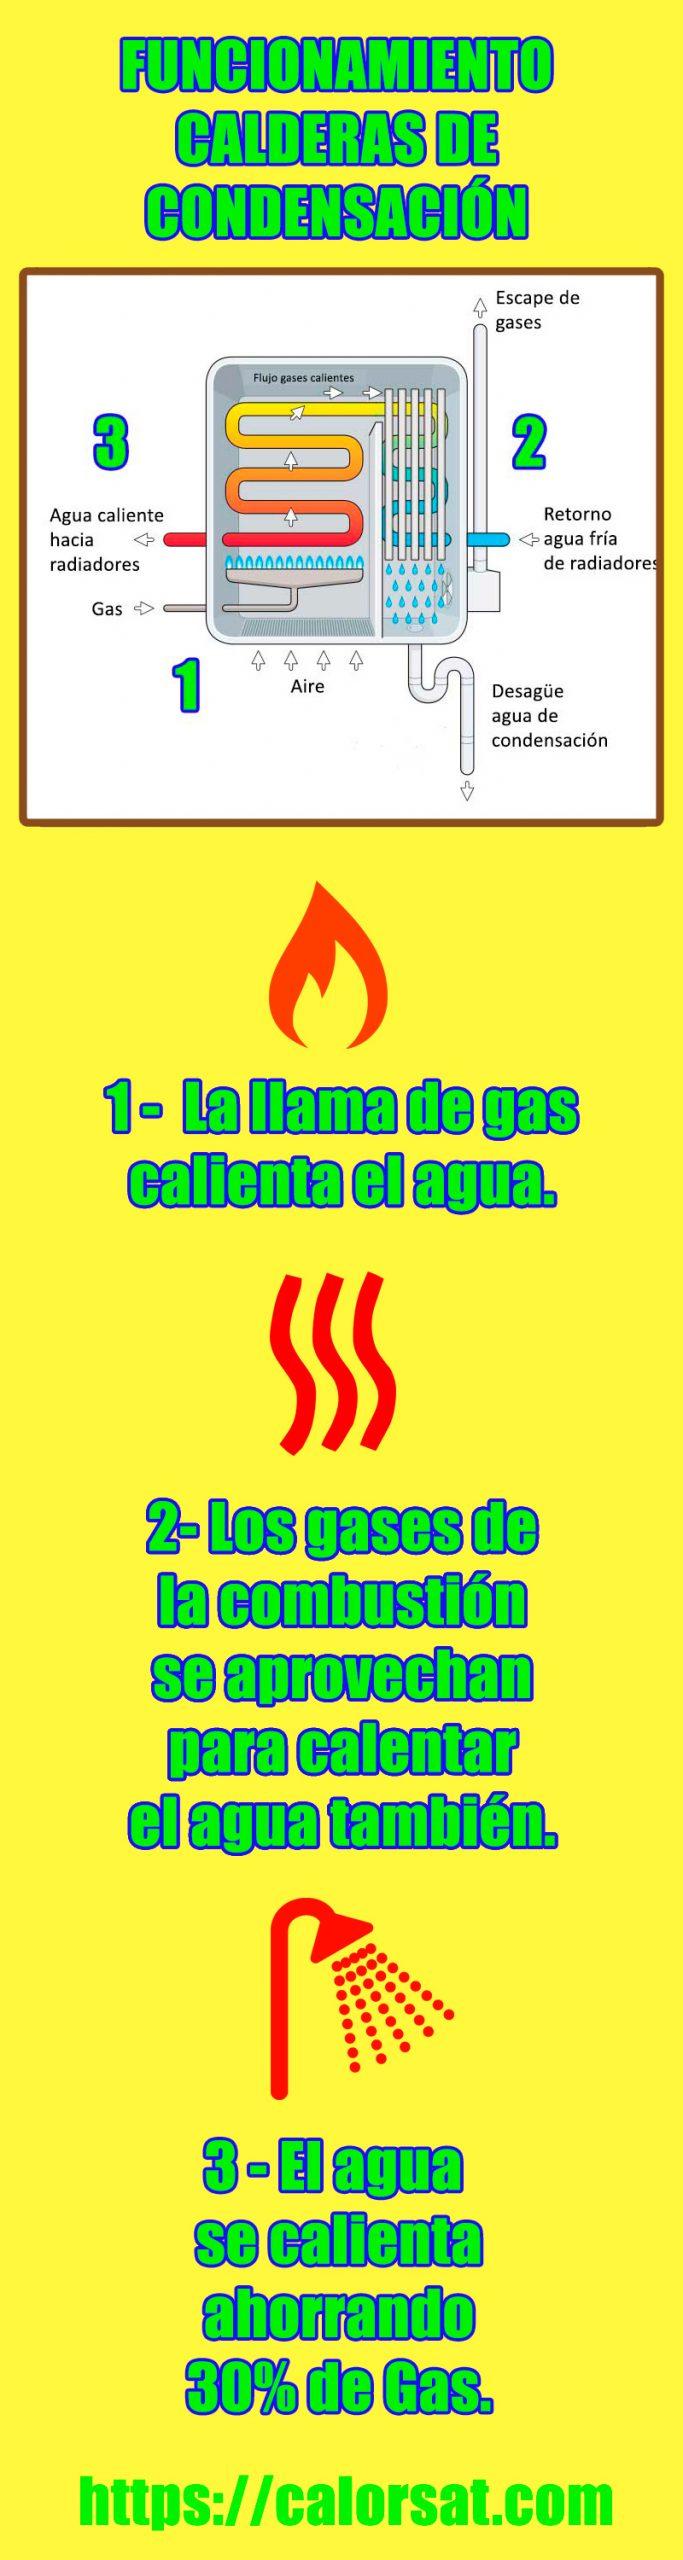 infografía: cómo funciona una caldera de condensación